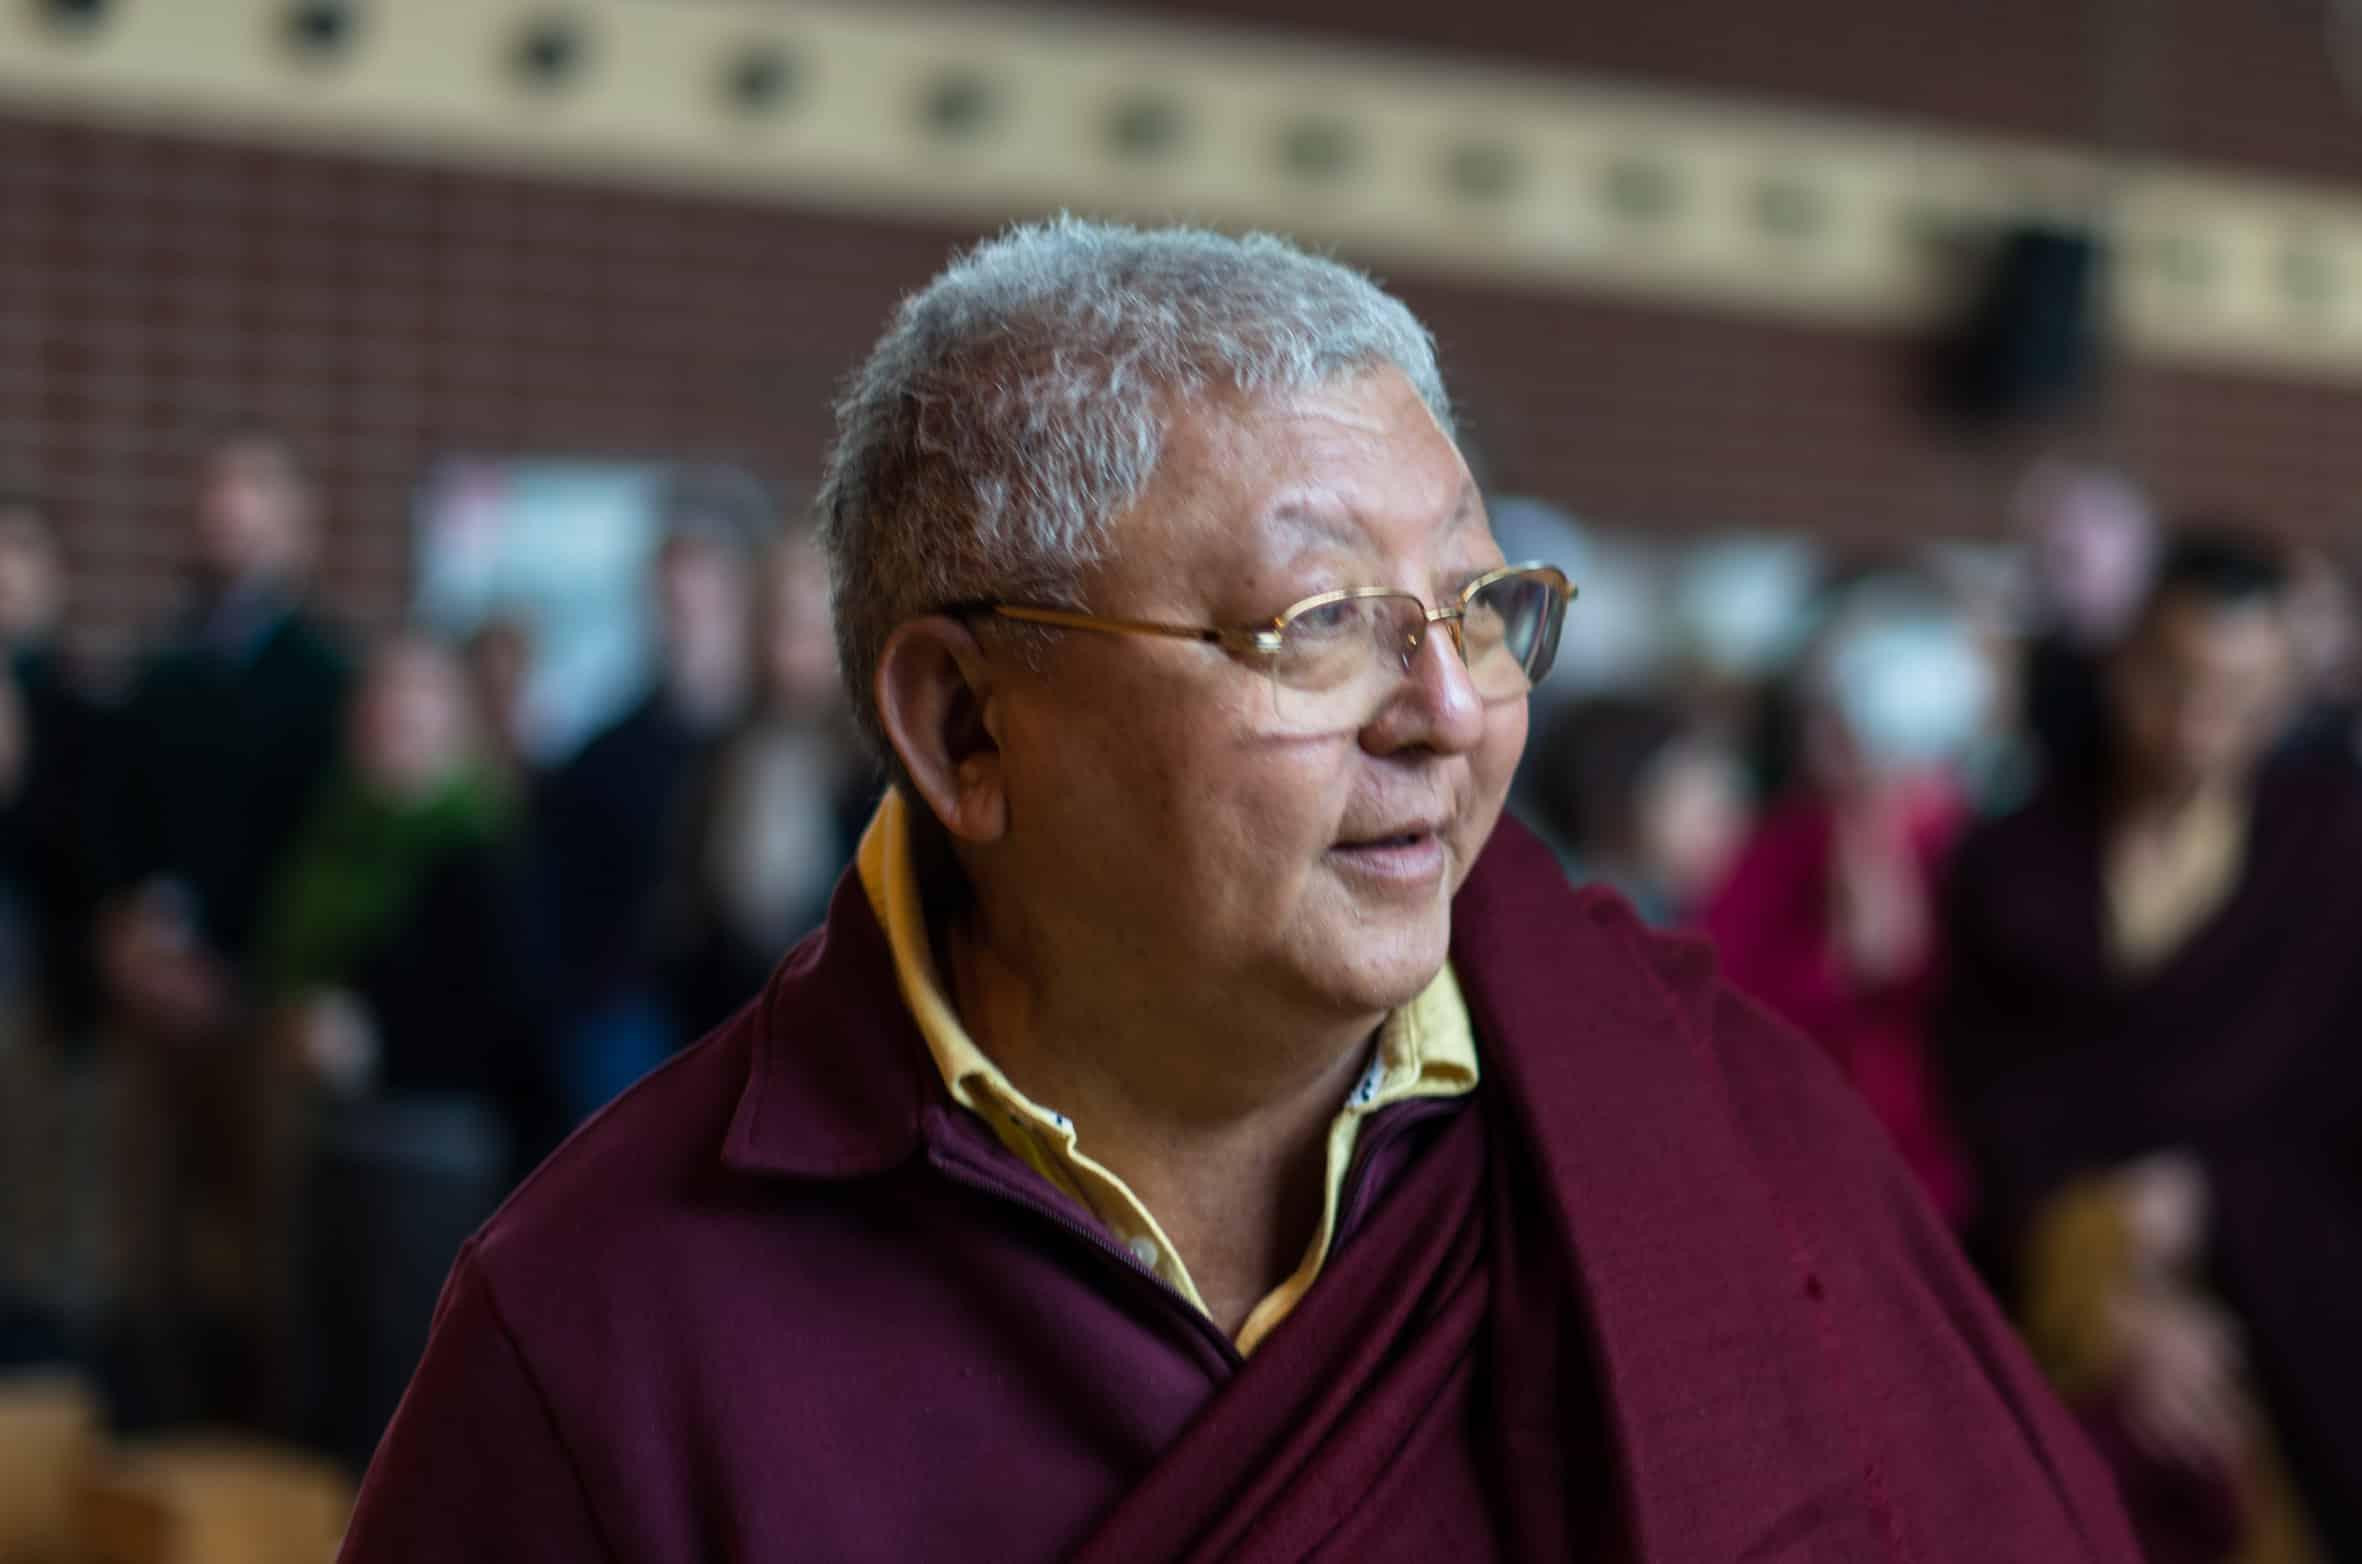 [:de]Jigme Rinpoche – Die 37 Praktiken eines Bodhisattva[:en]Jigme Rinpoche – The 37 Practices of a Bodhisattva[:]